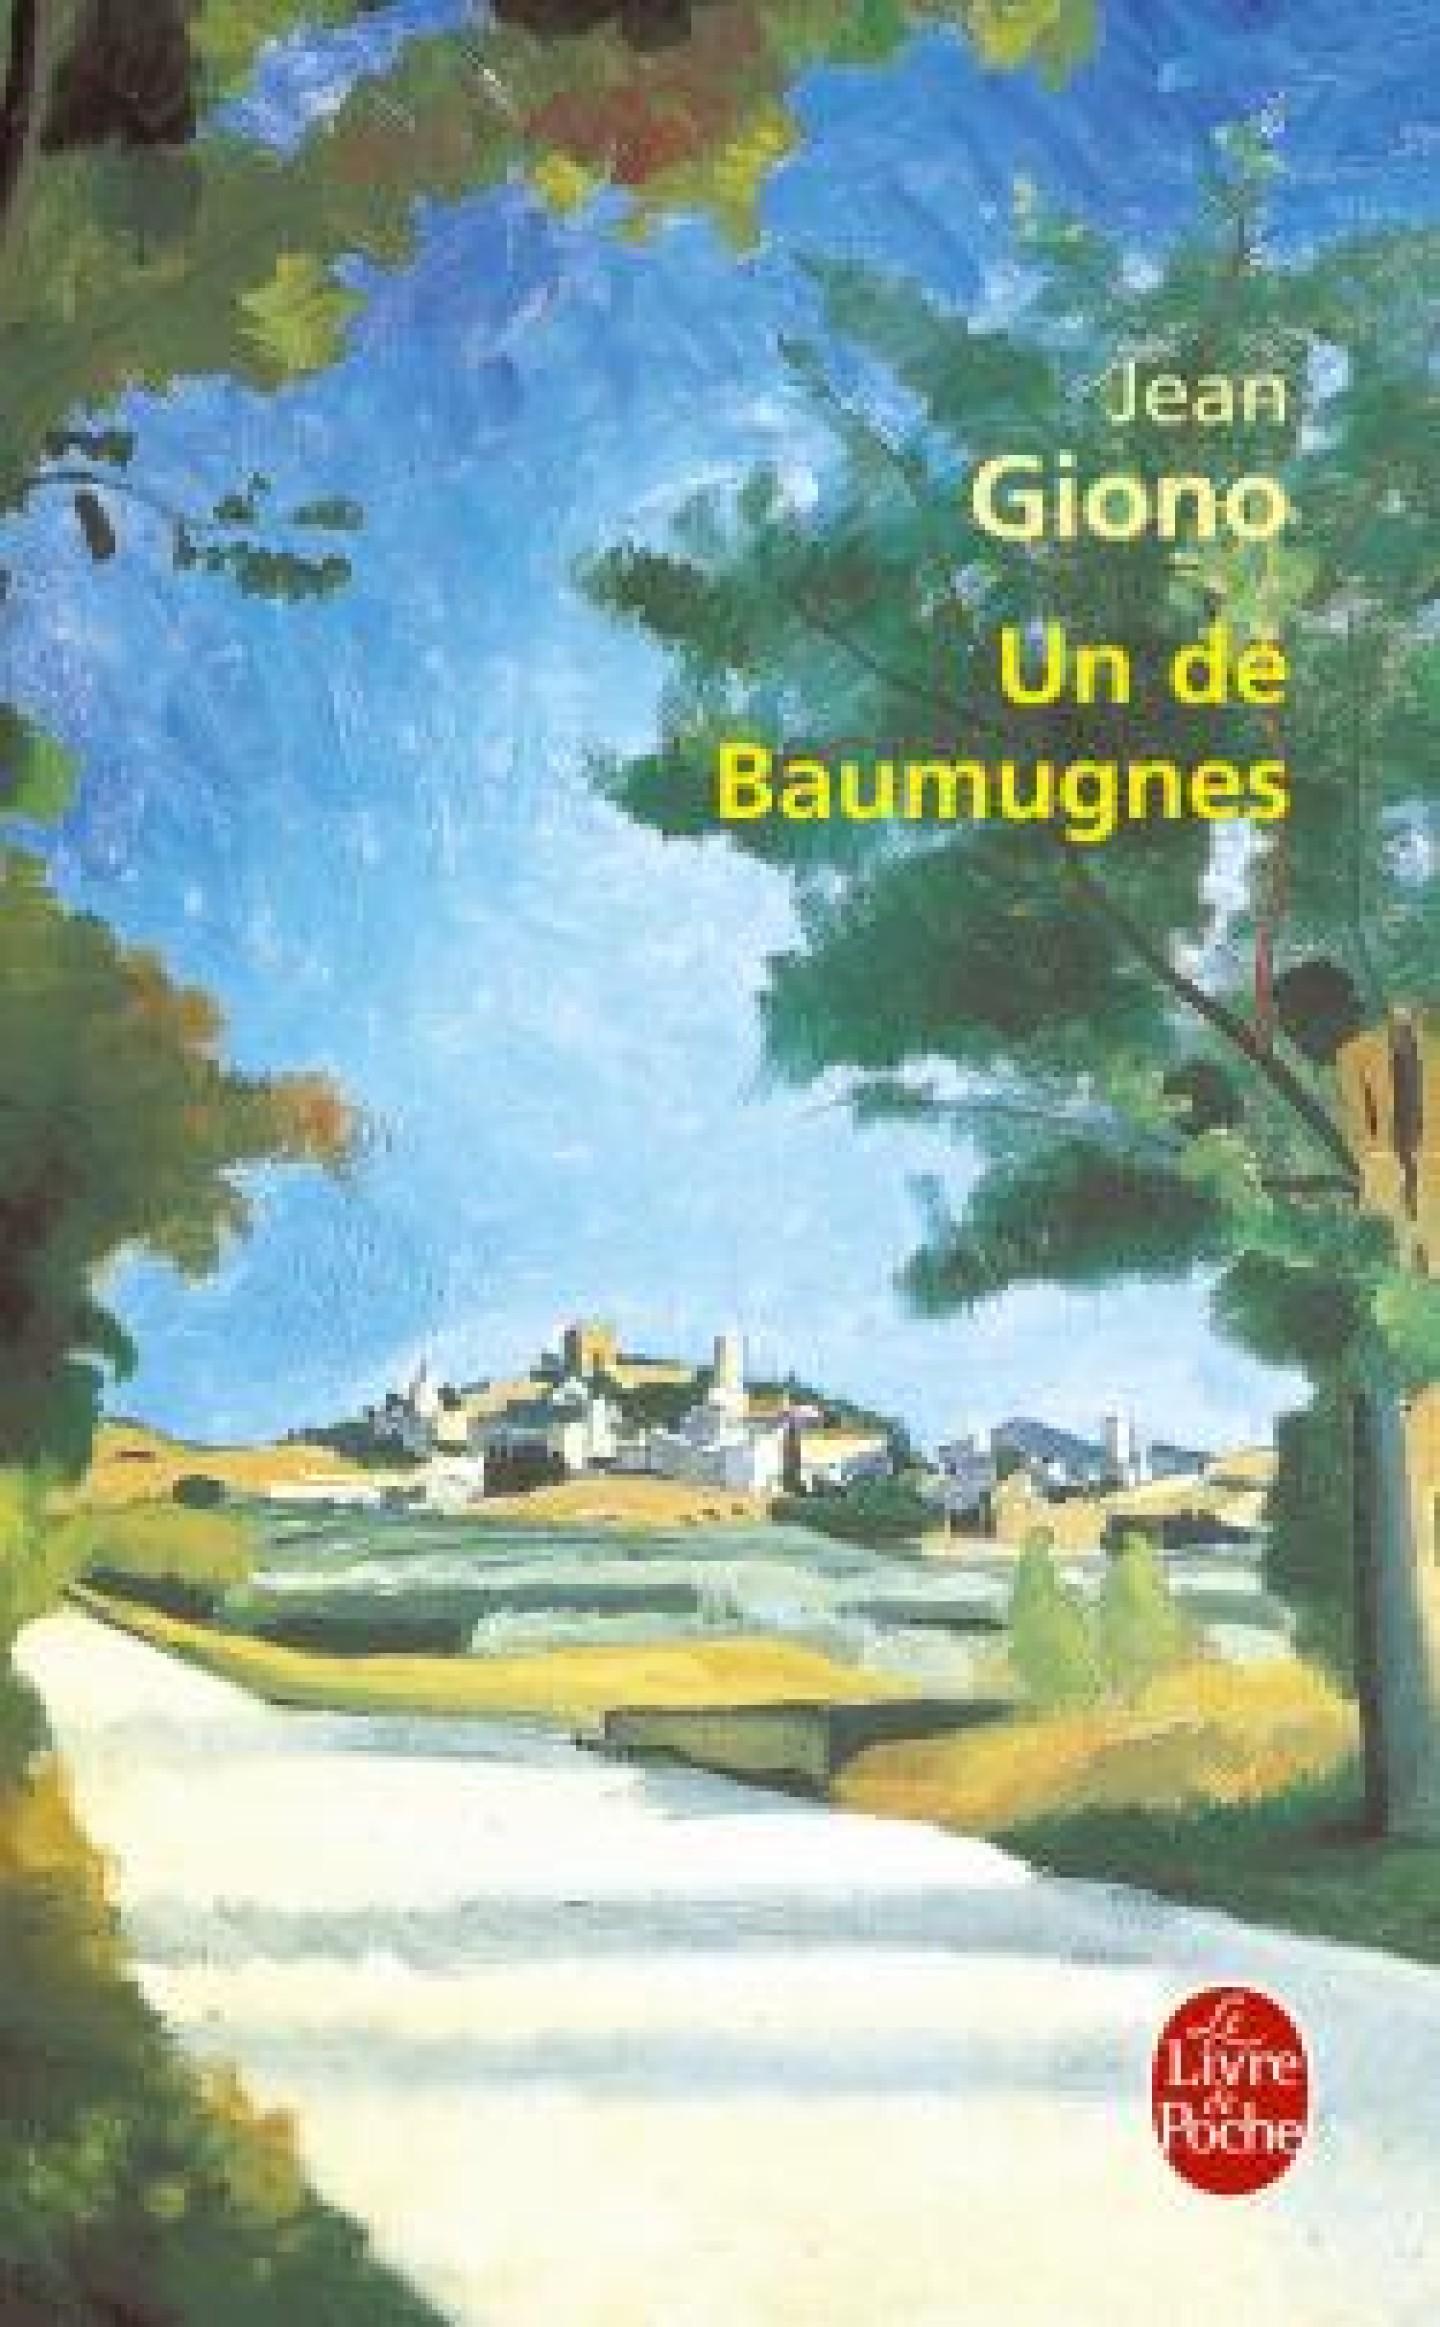 Couverture du roman Un de Baumugnes de Jean Giono